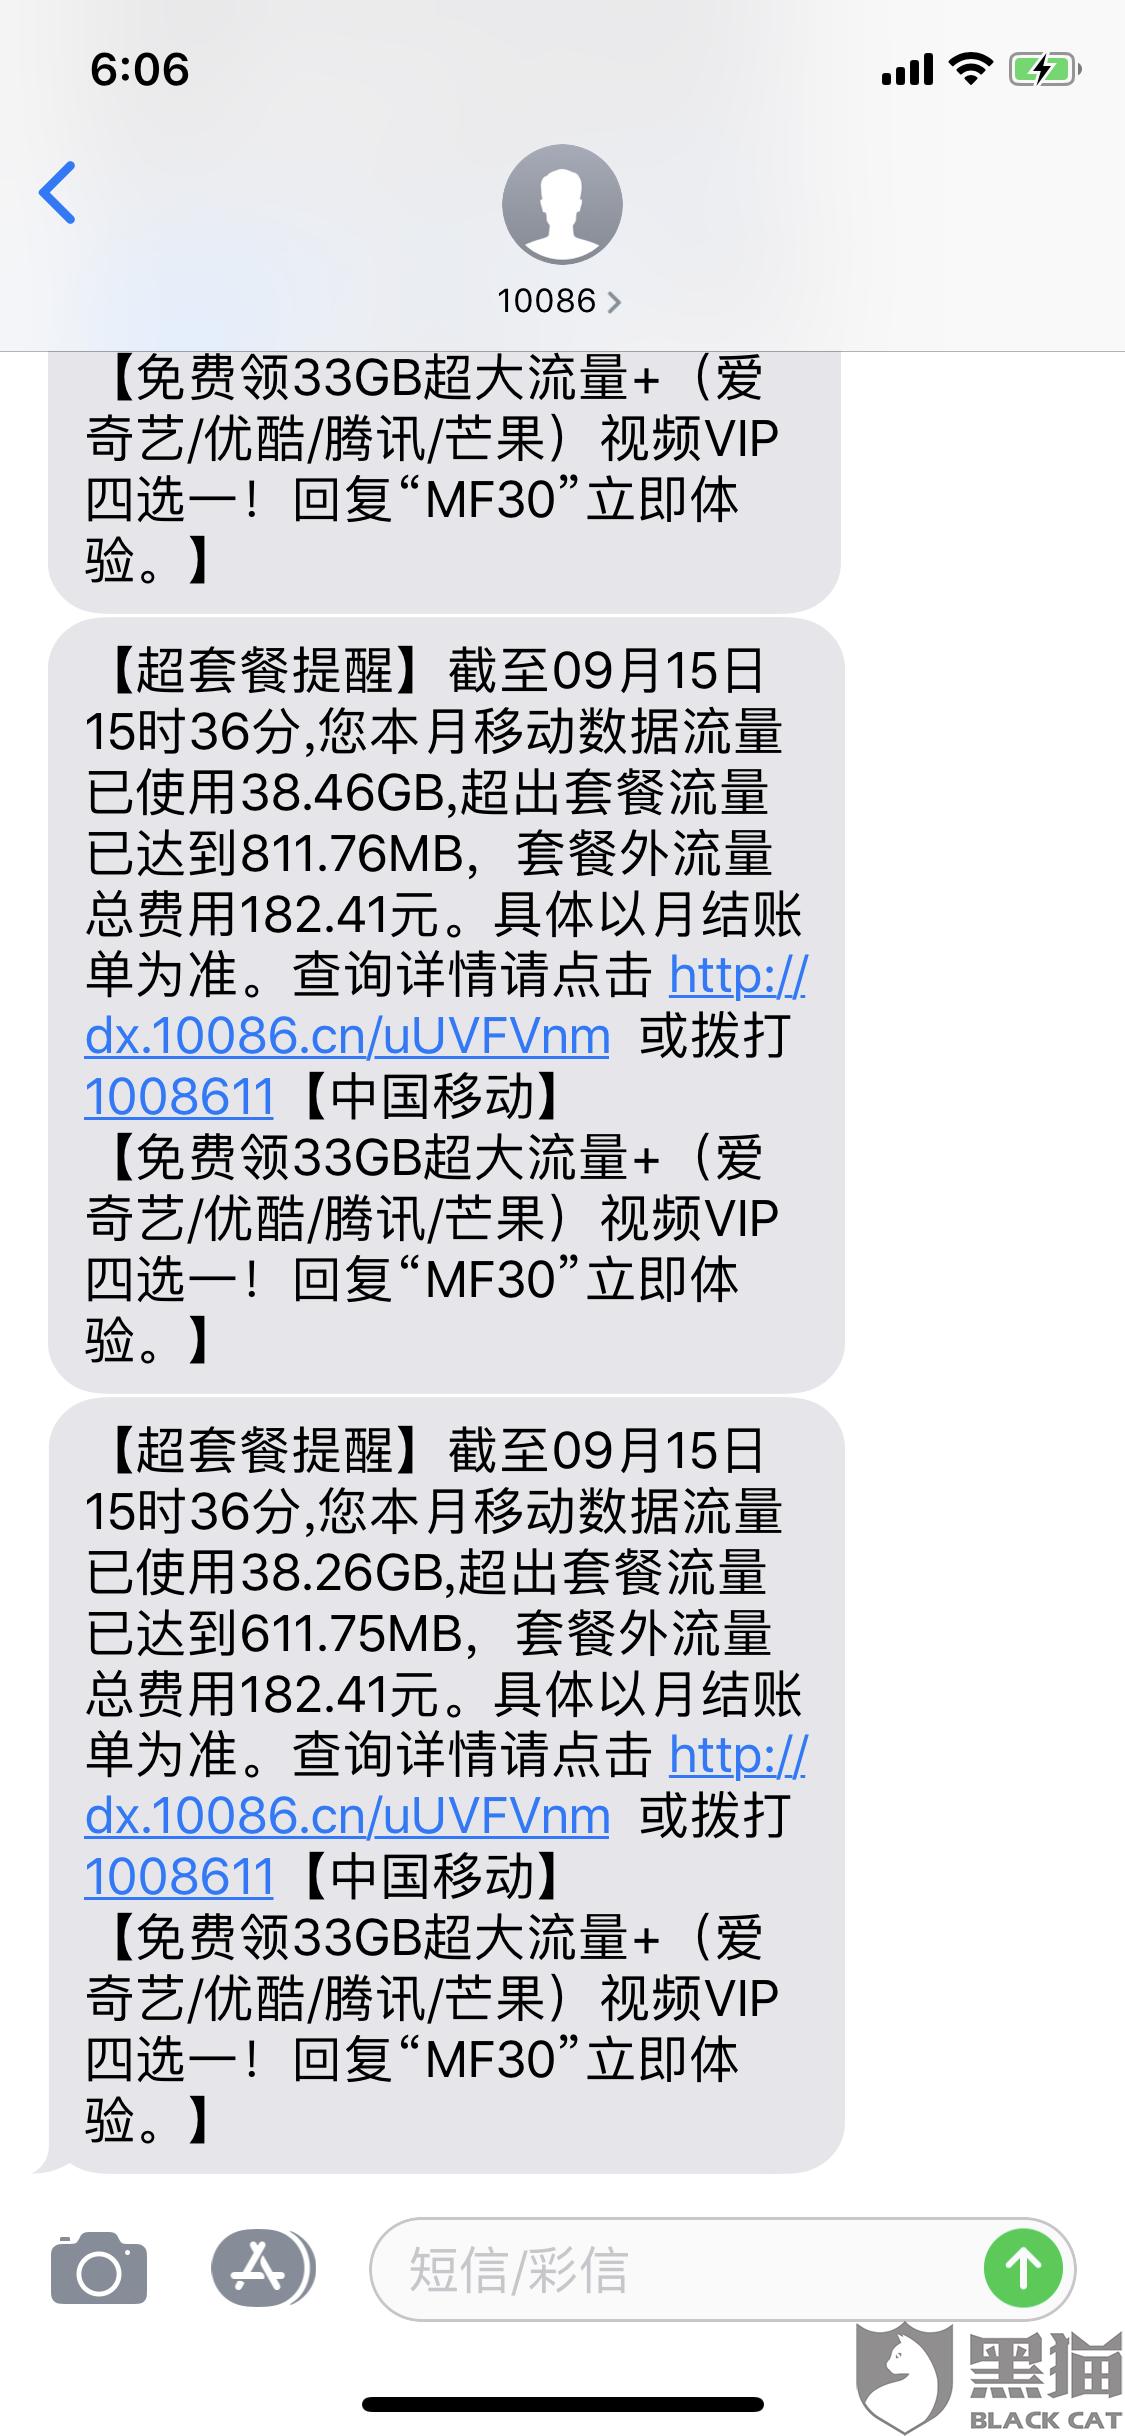 黑猫投诉:本人使用中国联通,超出流量套餐外流量611MB,短信通知扣费128元